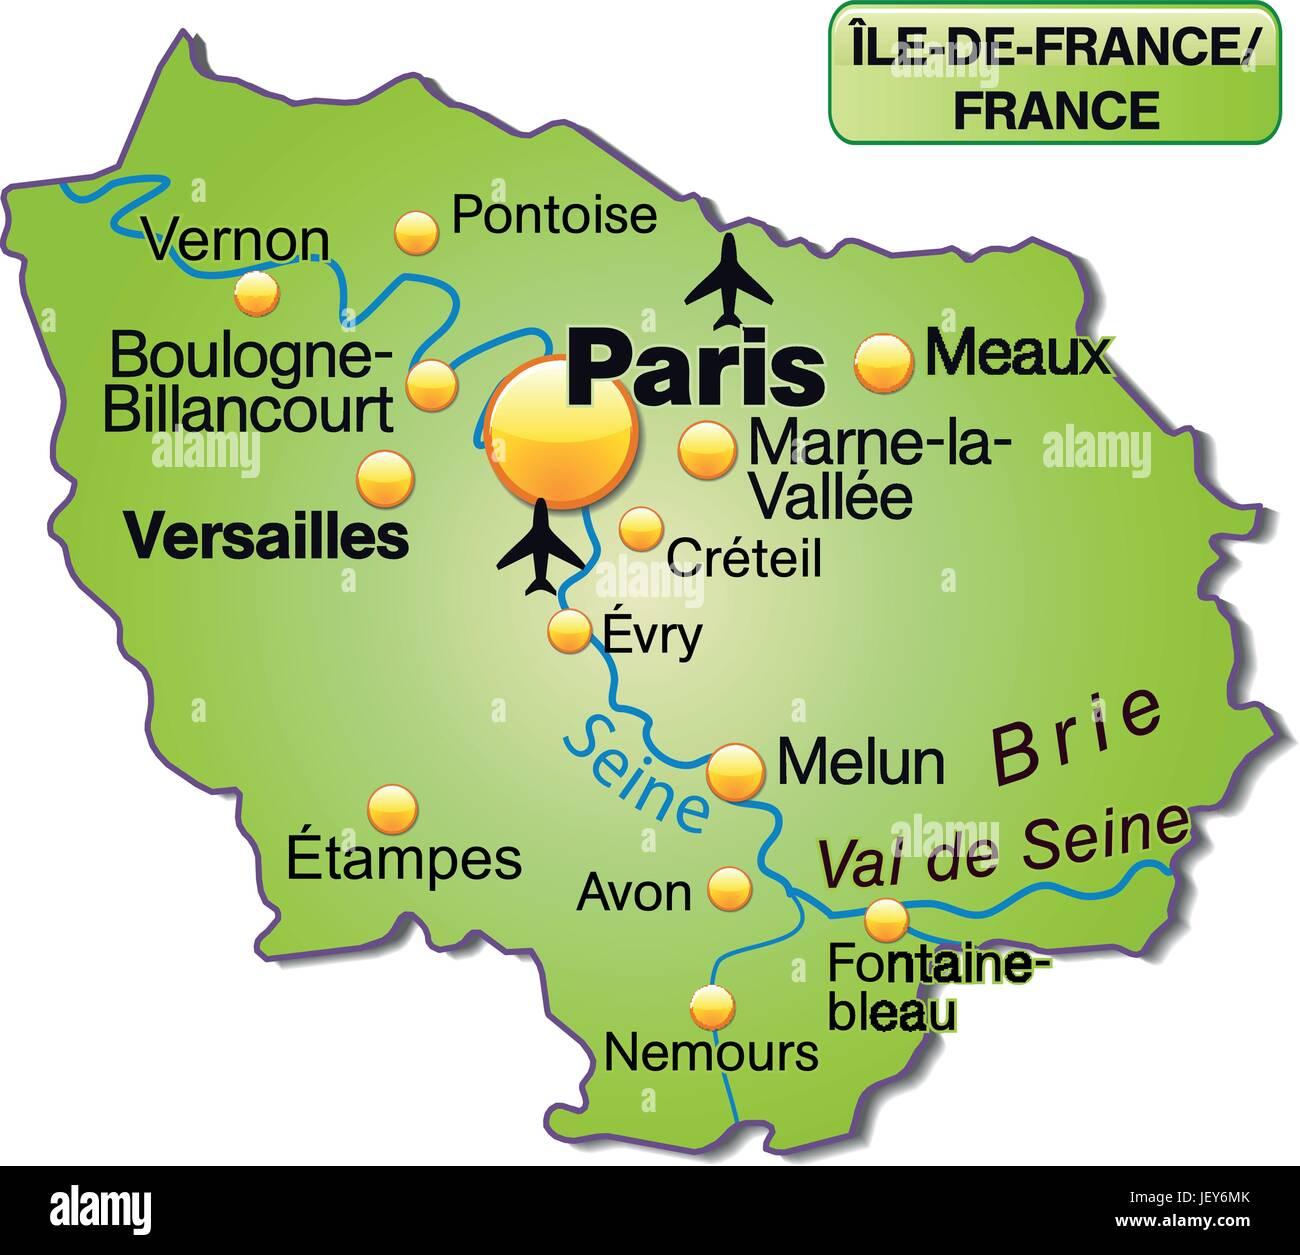 Karte Von Ile De France Als Eine Ubersichtskarte In Grun Stock Vektorgrafik Alamy